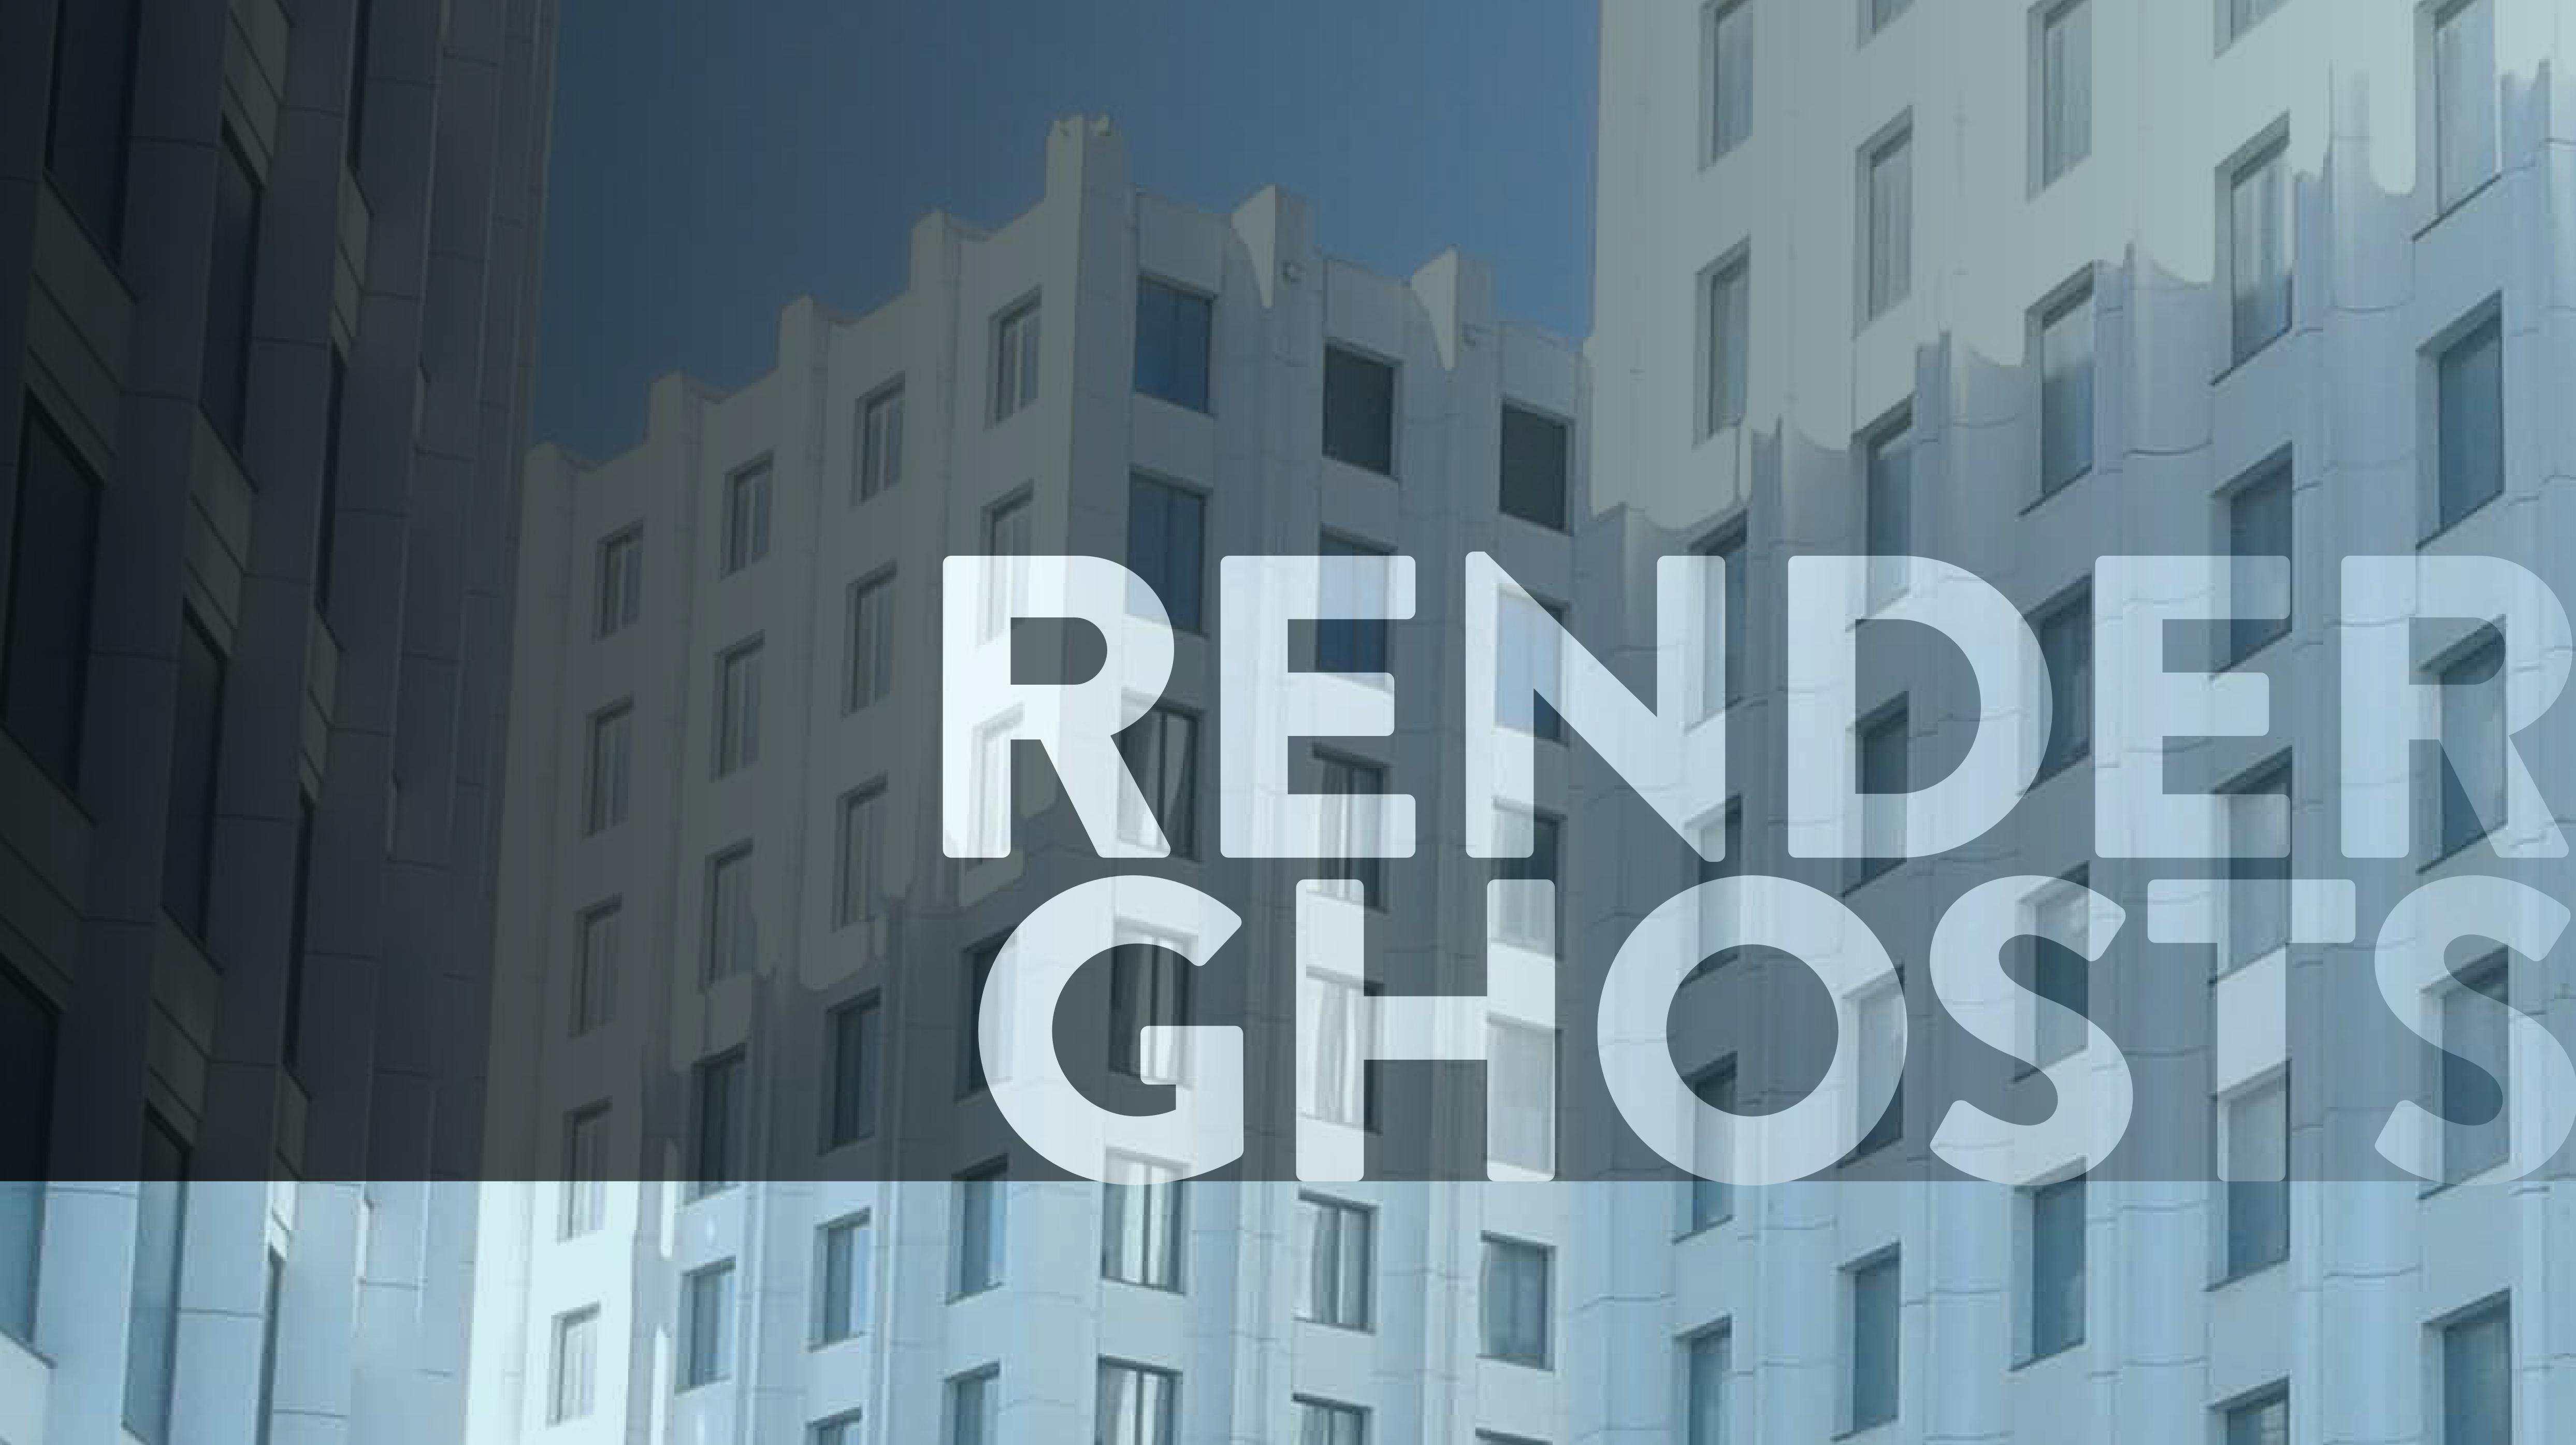 Die soziale Fiktion/Render Ghosts Bild: Felix Röben